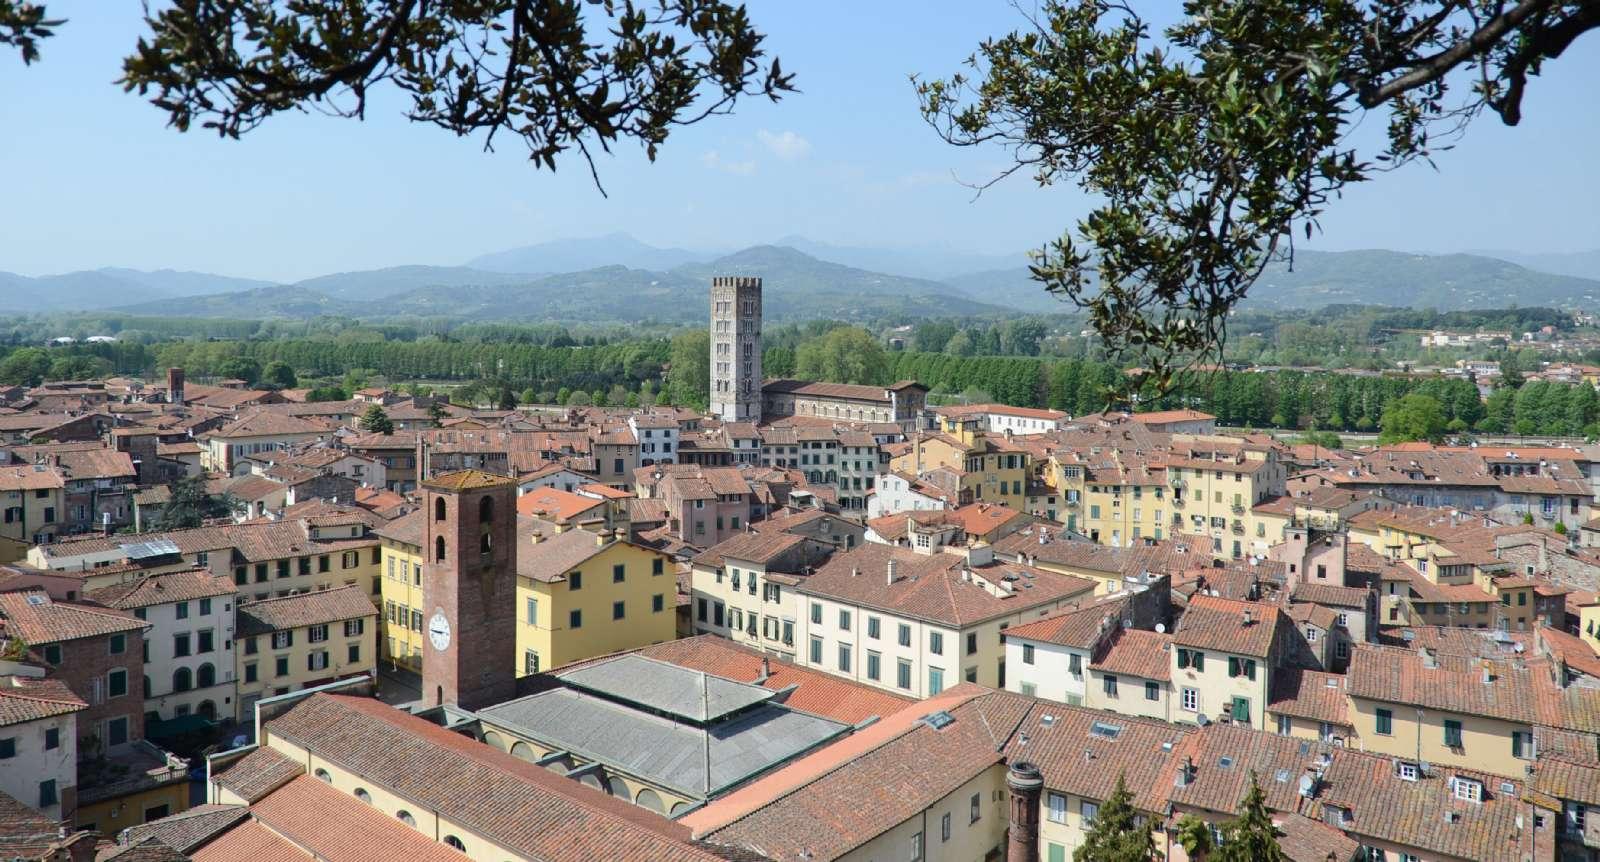 Lucca set fra luften